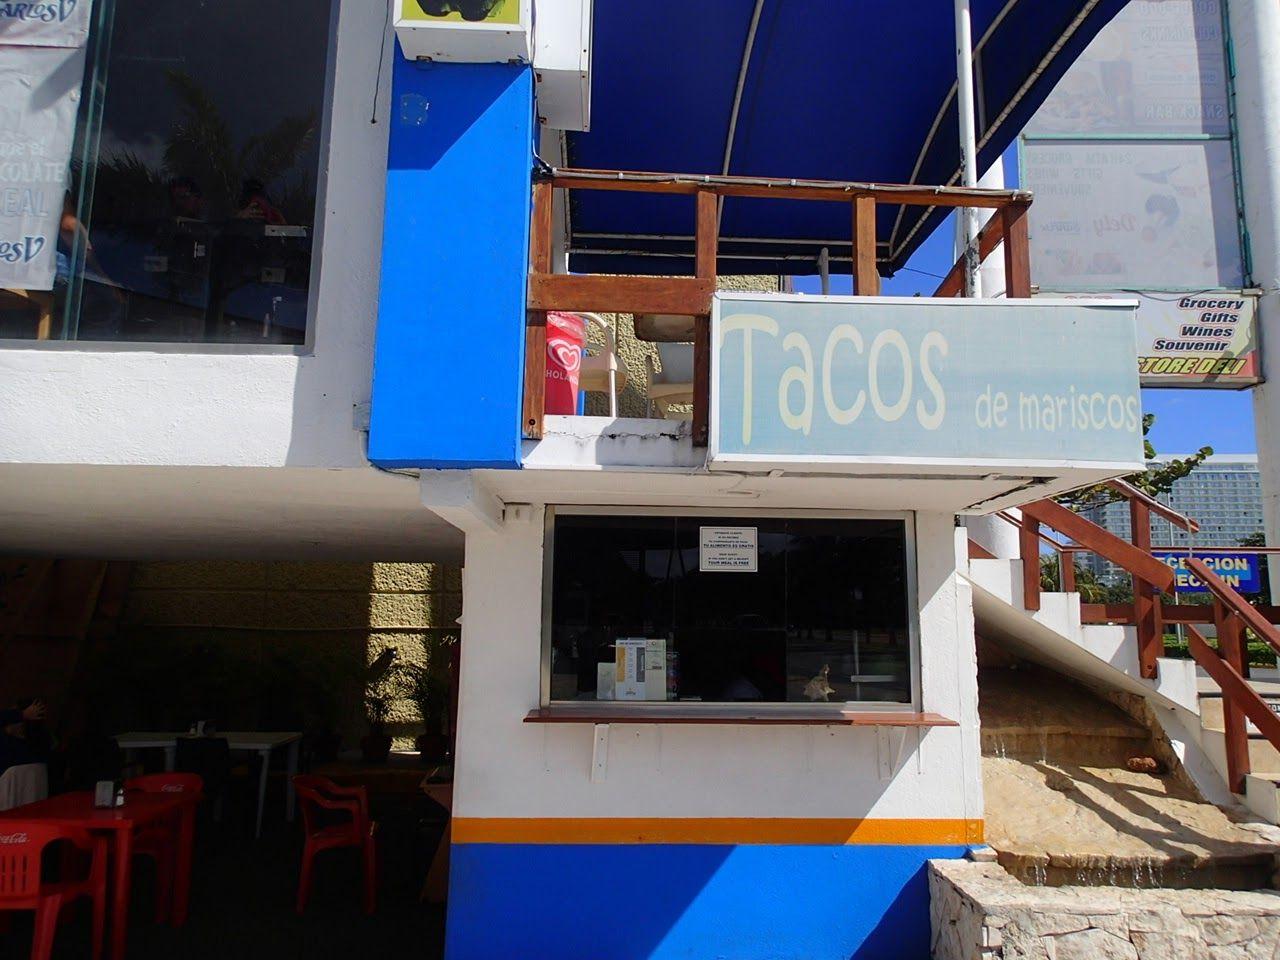 シーフードが絶品のTacos de mariscos